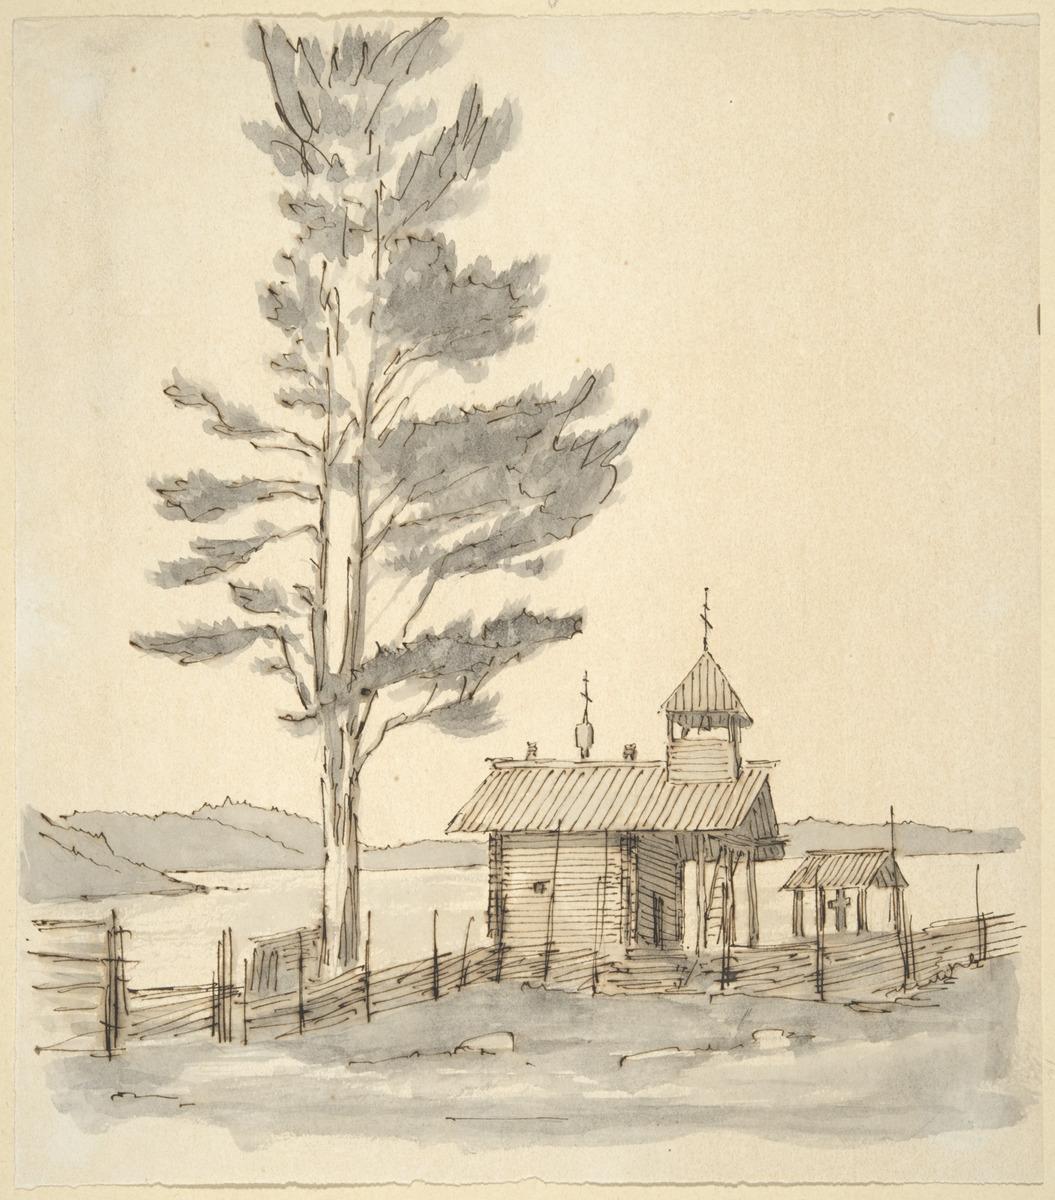 1880. Tolvajärven ortodoksisen Profeetta Elian tsasouna